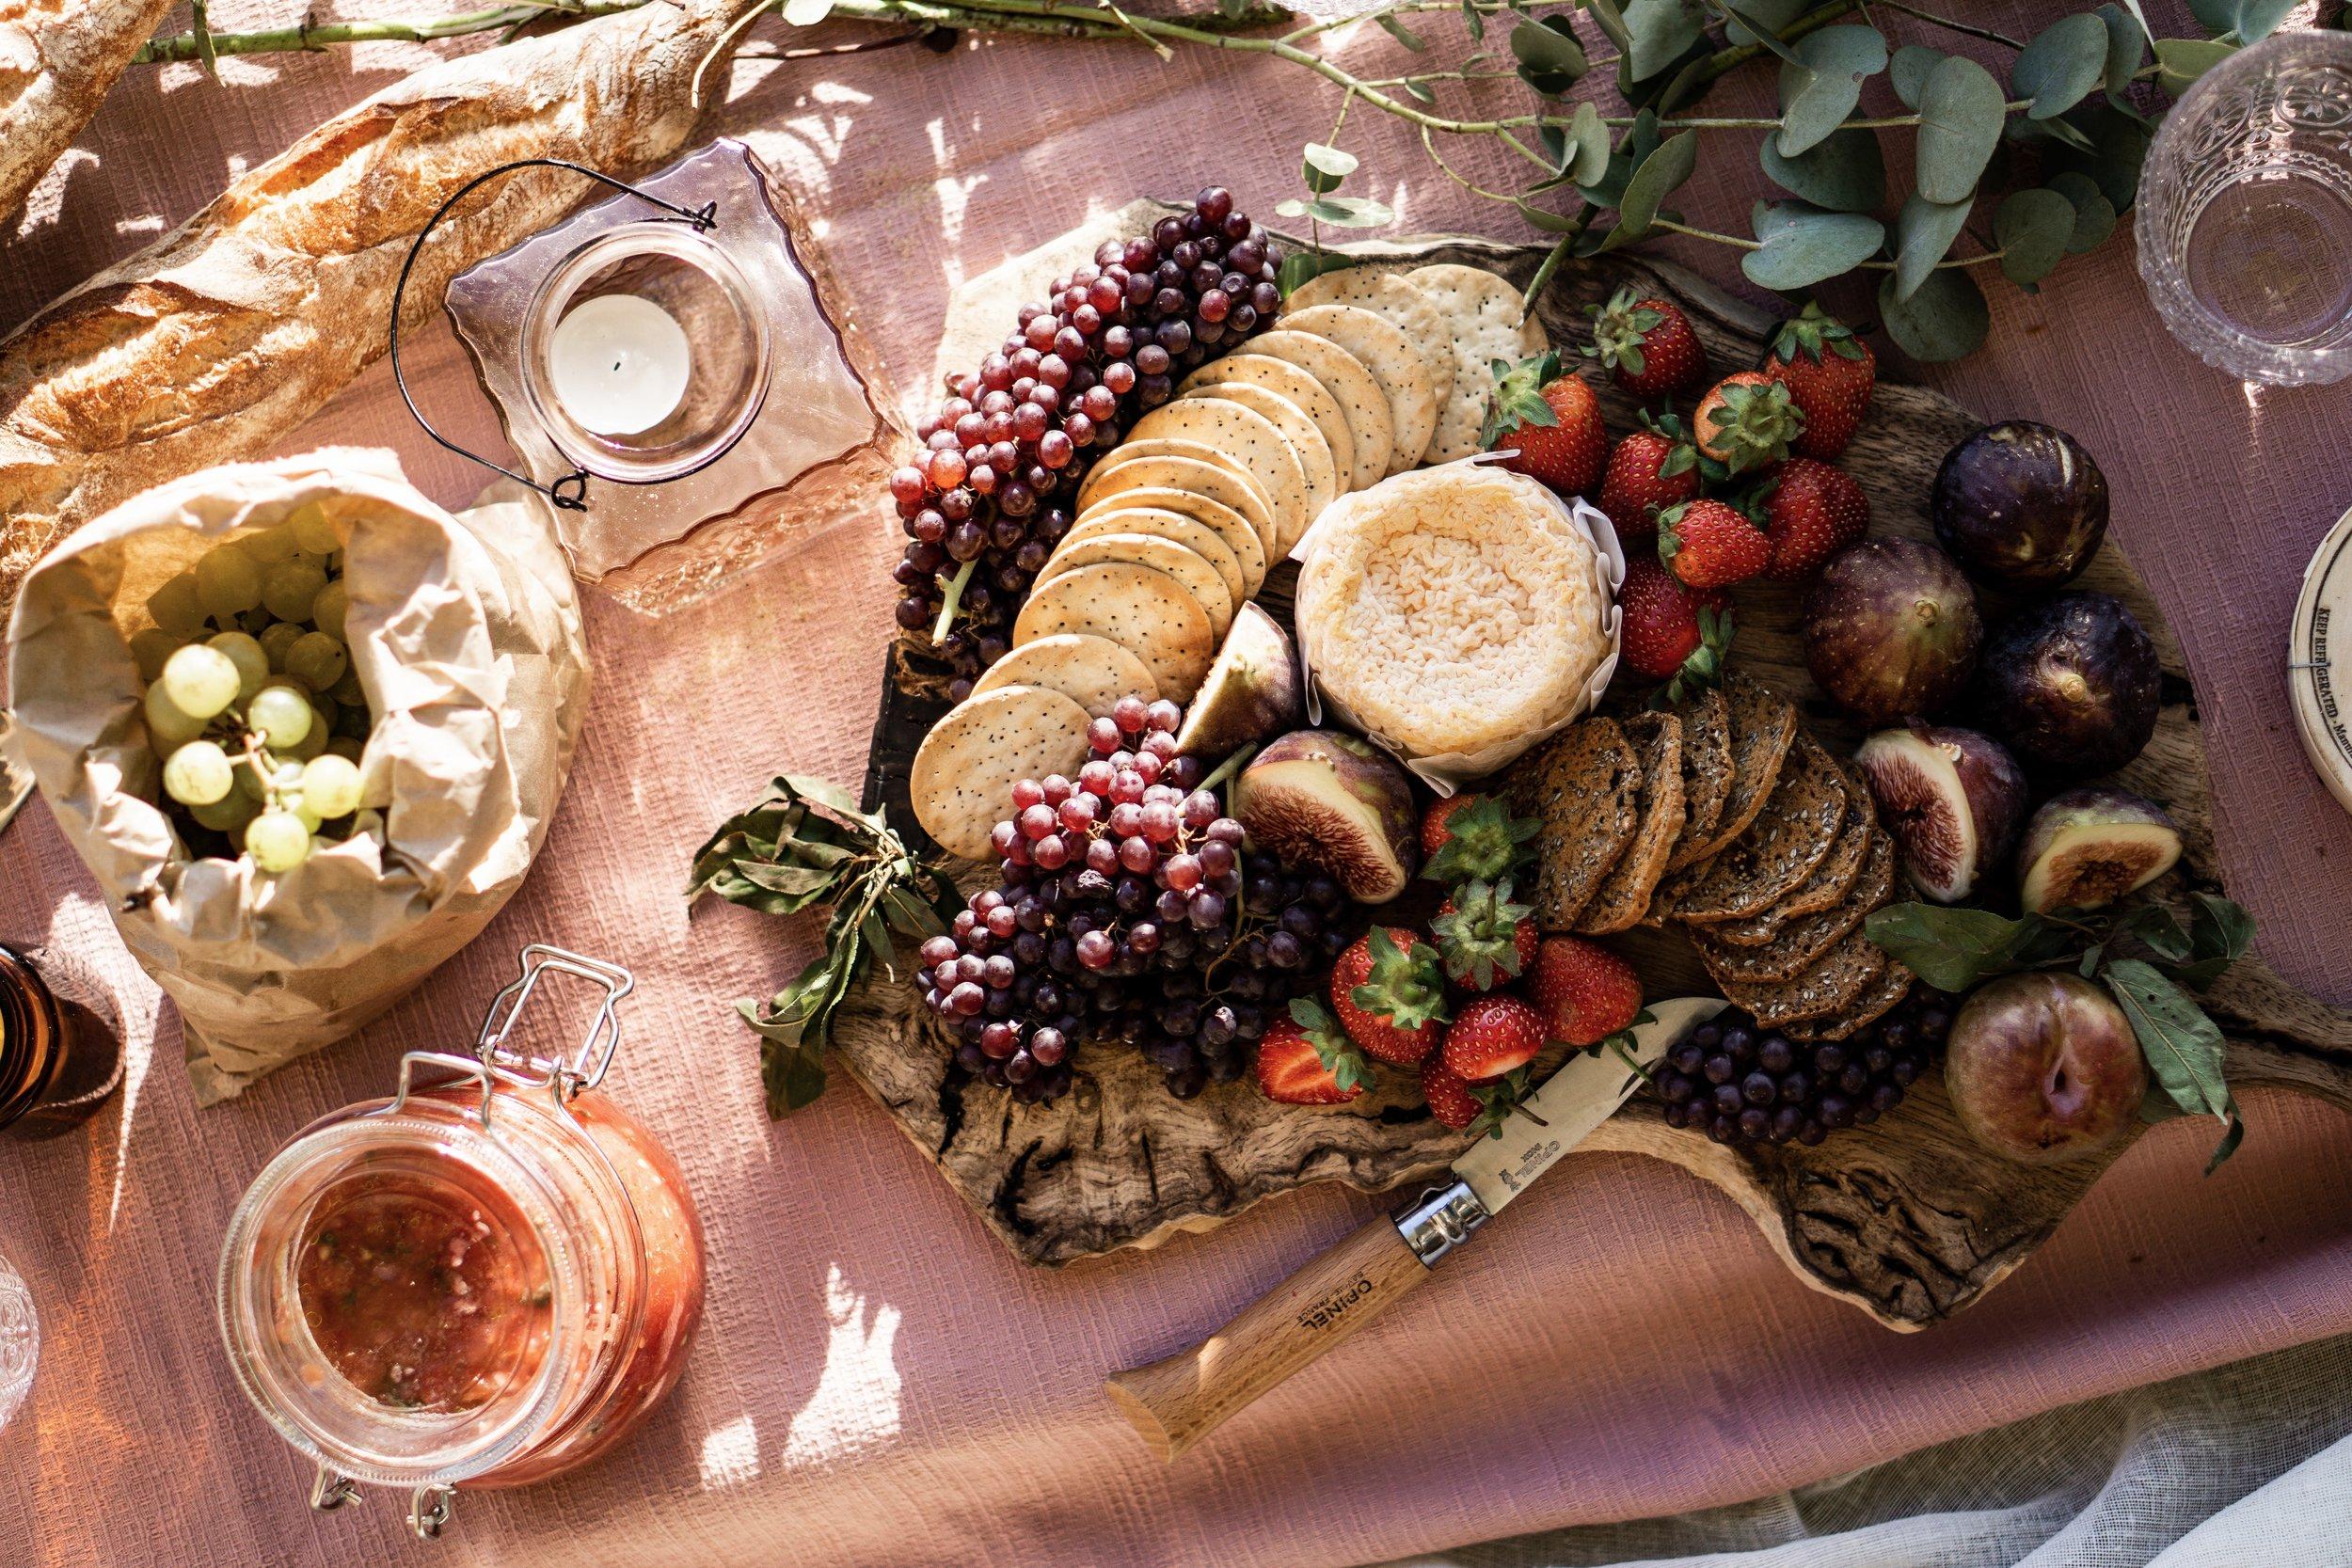 food-fruits-grapes-1956974.jpg